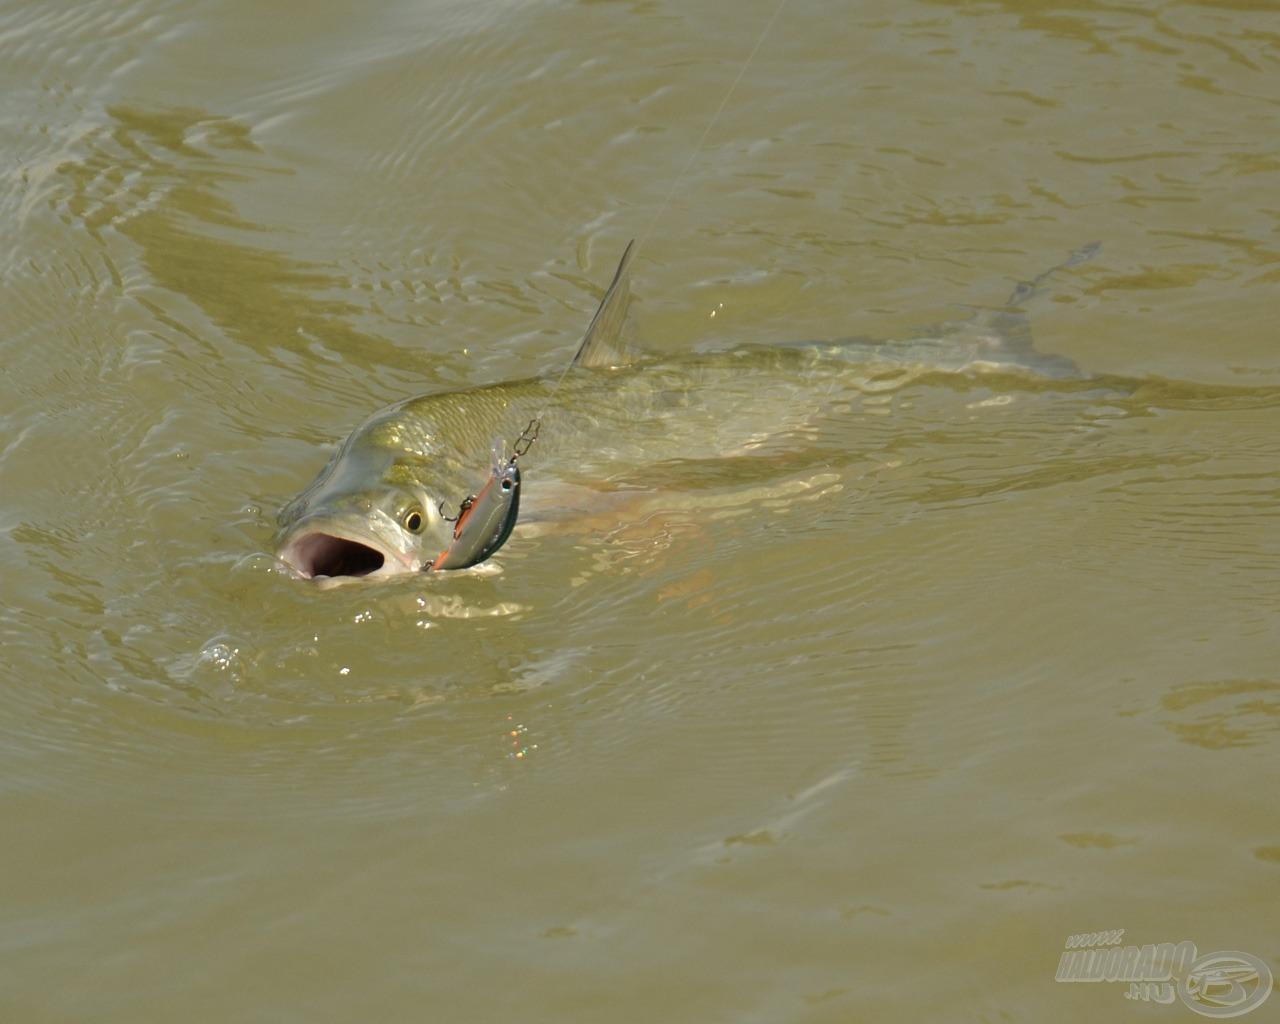 Rendes hal ez a balin, bedobom a Wise Minnow-t és visszahozza